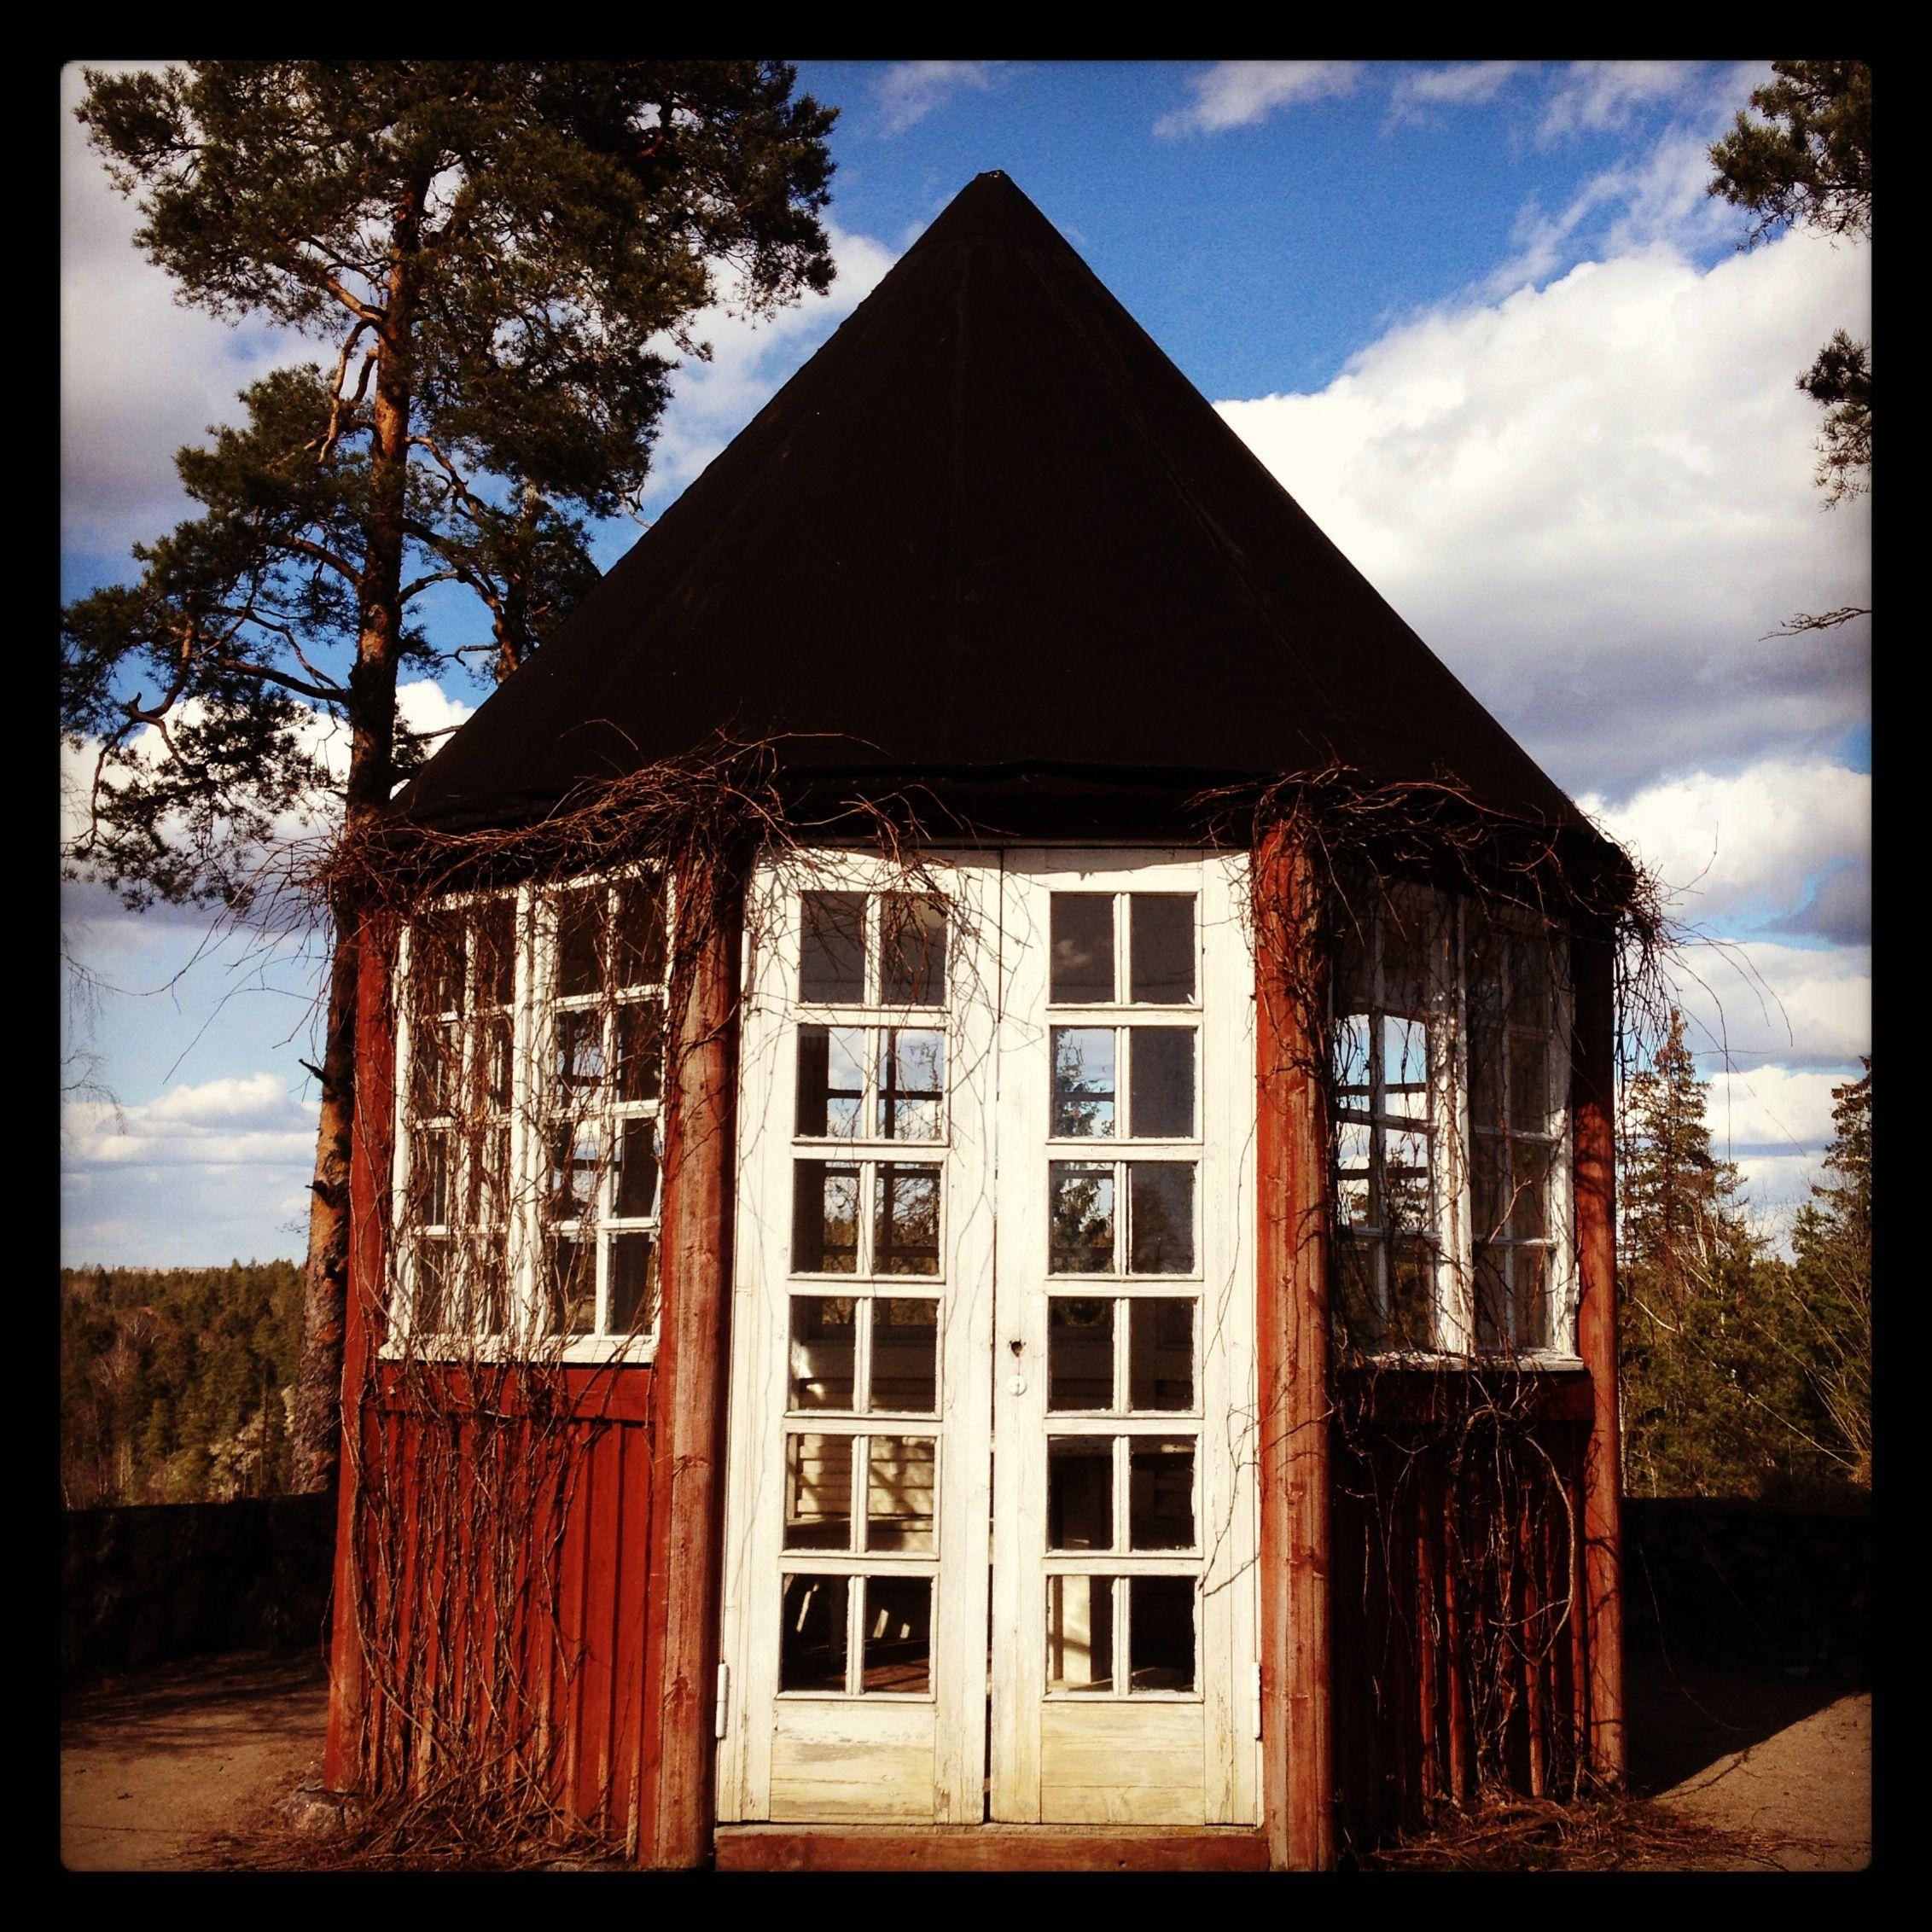 Hvitträsk garden, Kirkkonummi, Finland, home of Eliel Saarinen (photo: Elina Syrjänen)